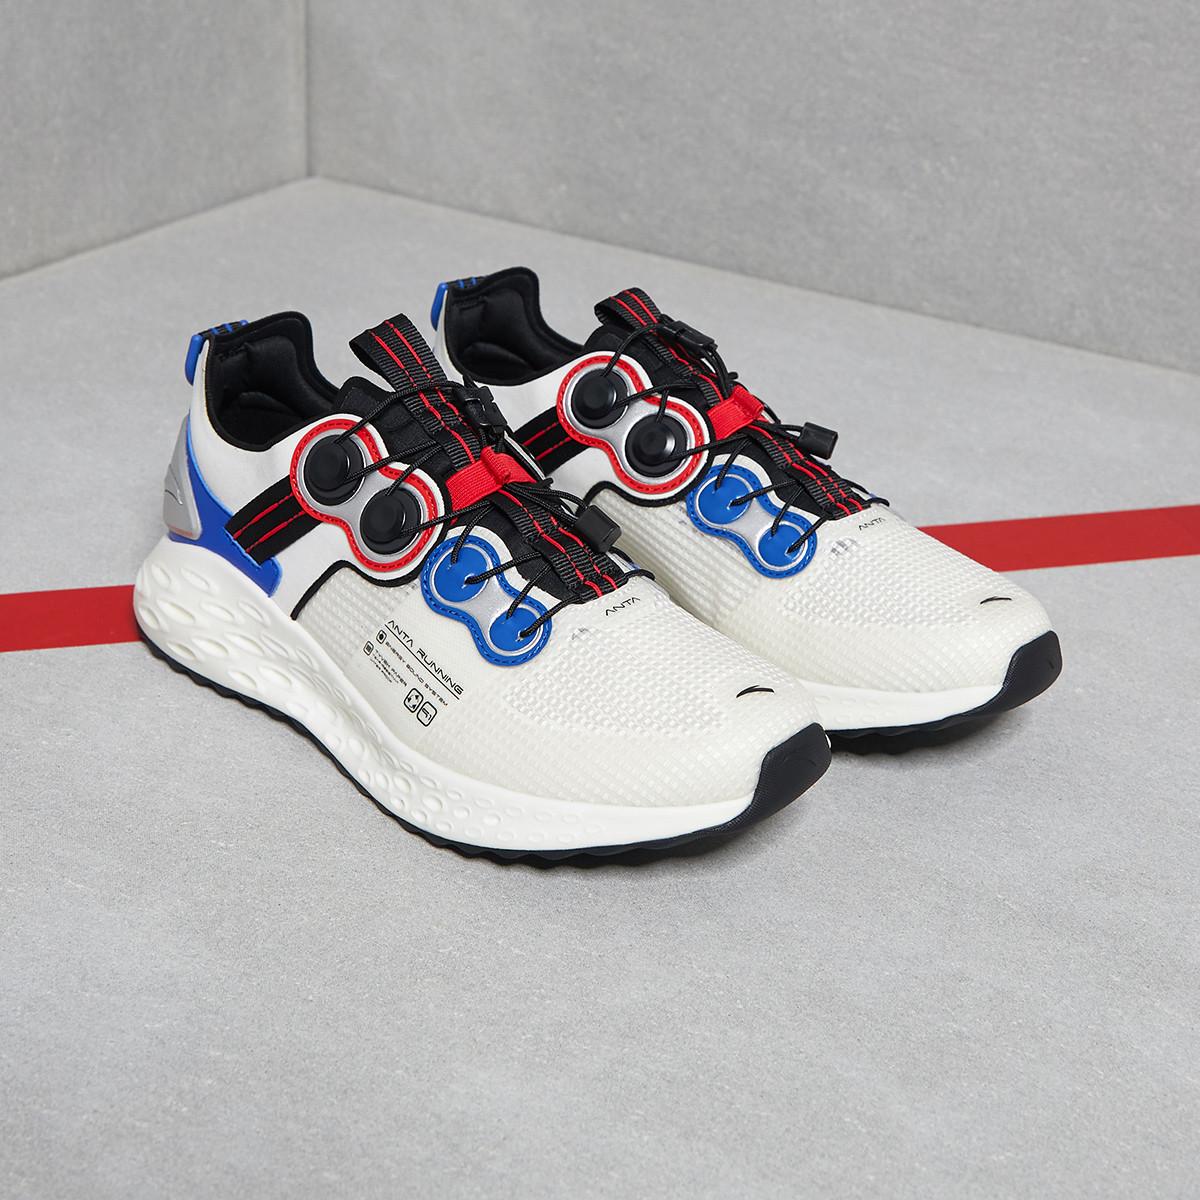 安踏男款跑步鞋舒适缓震百搭休闲运动跑鞋 40